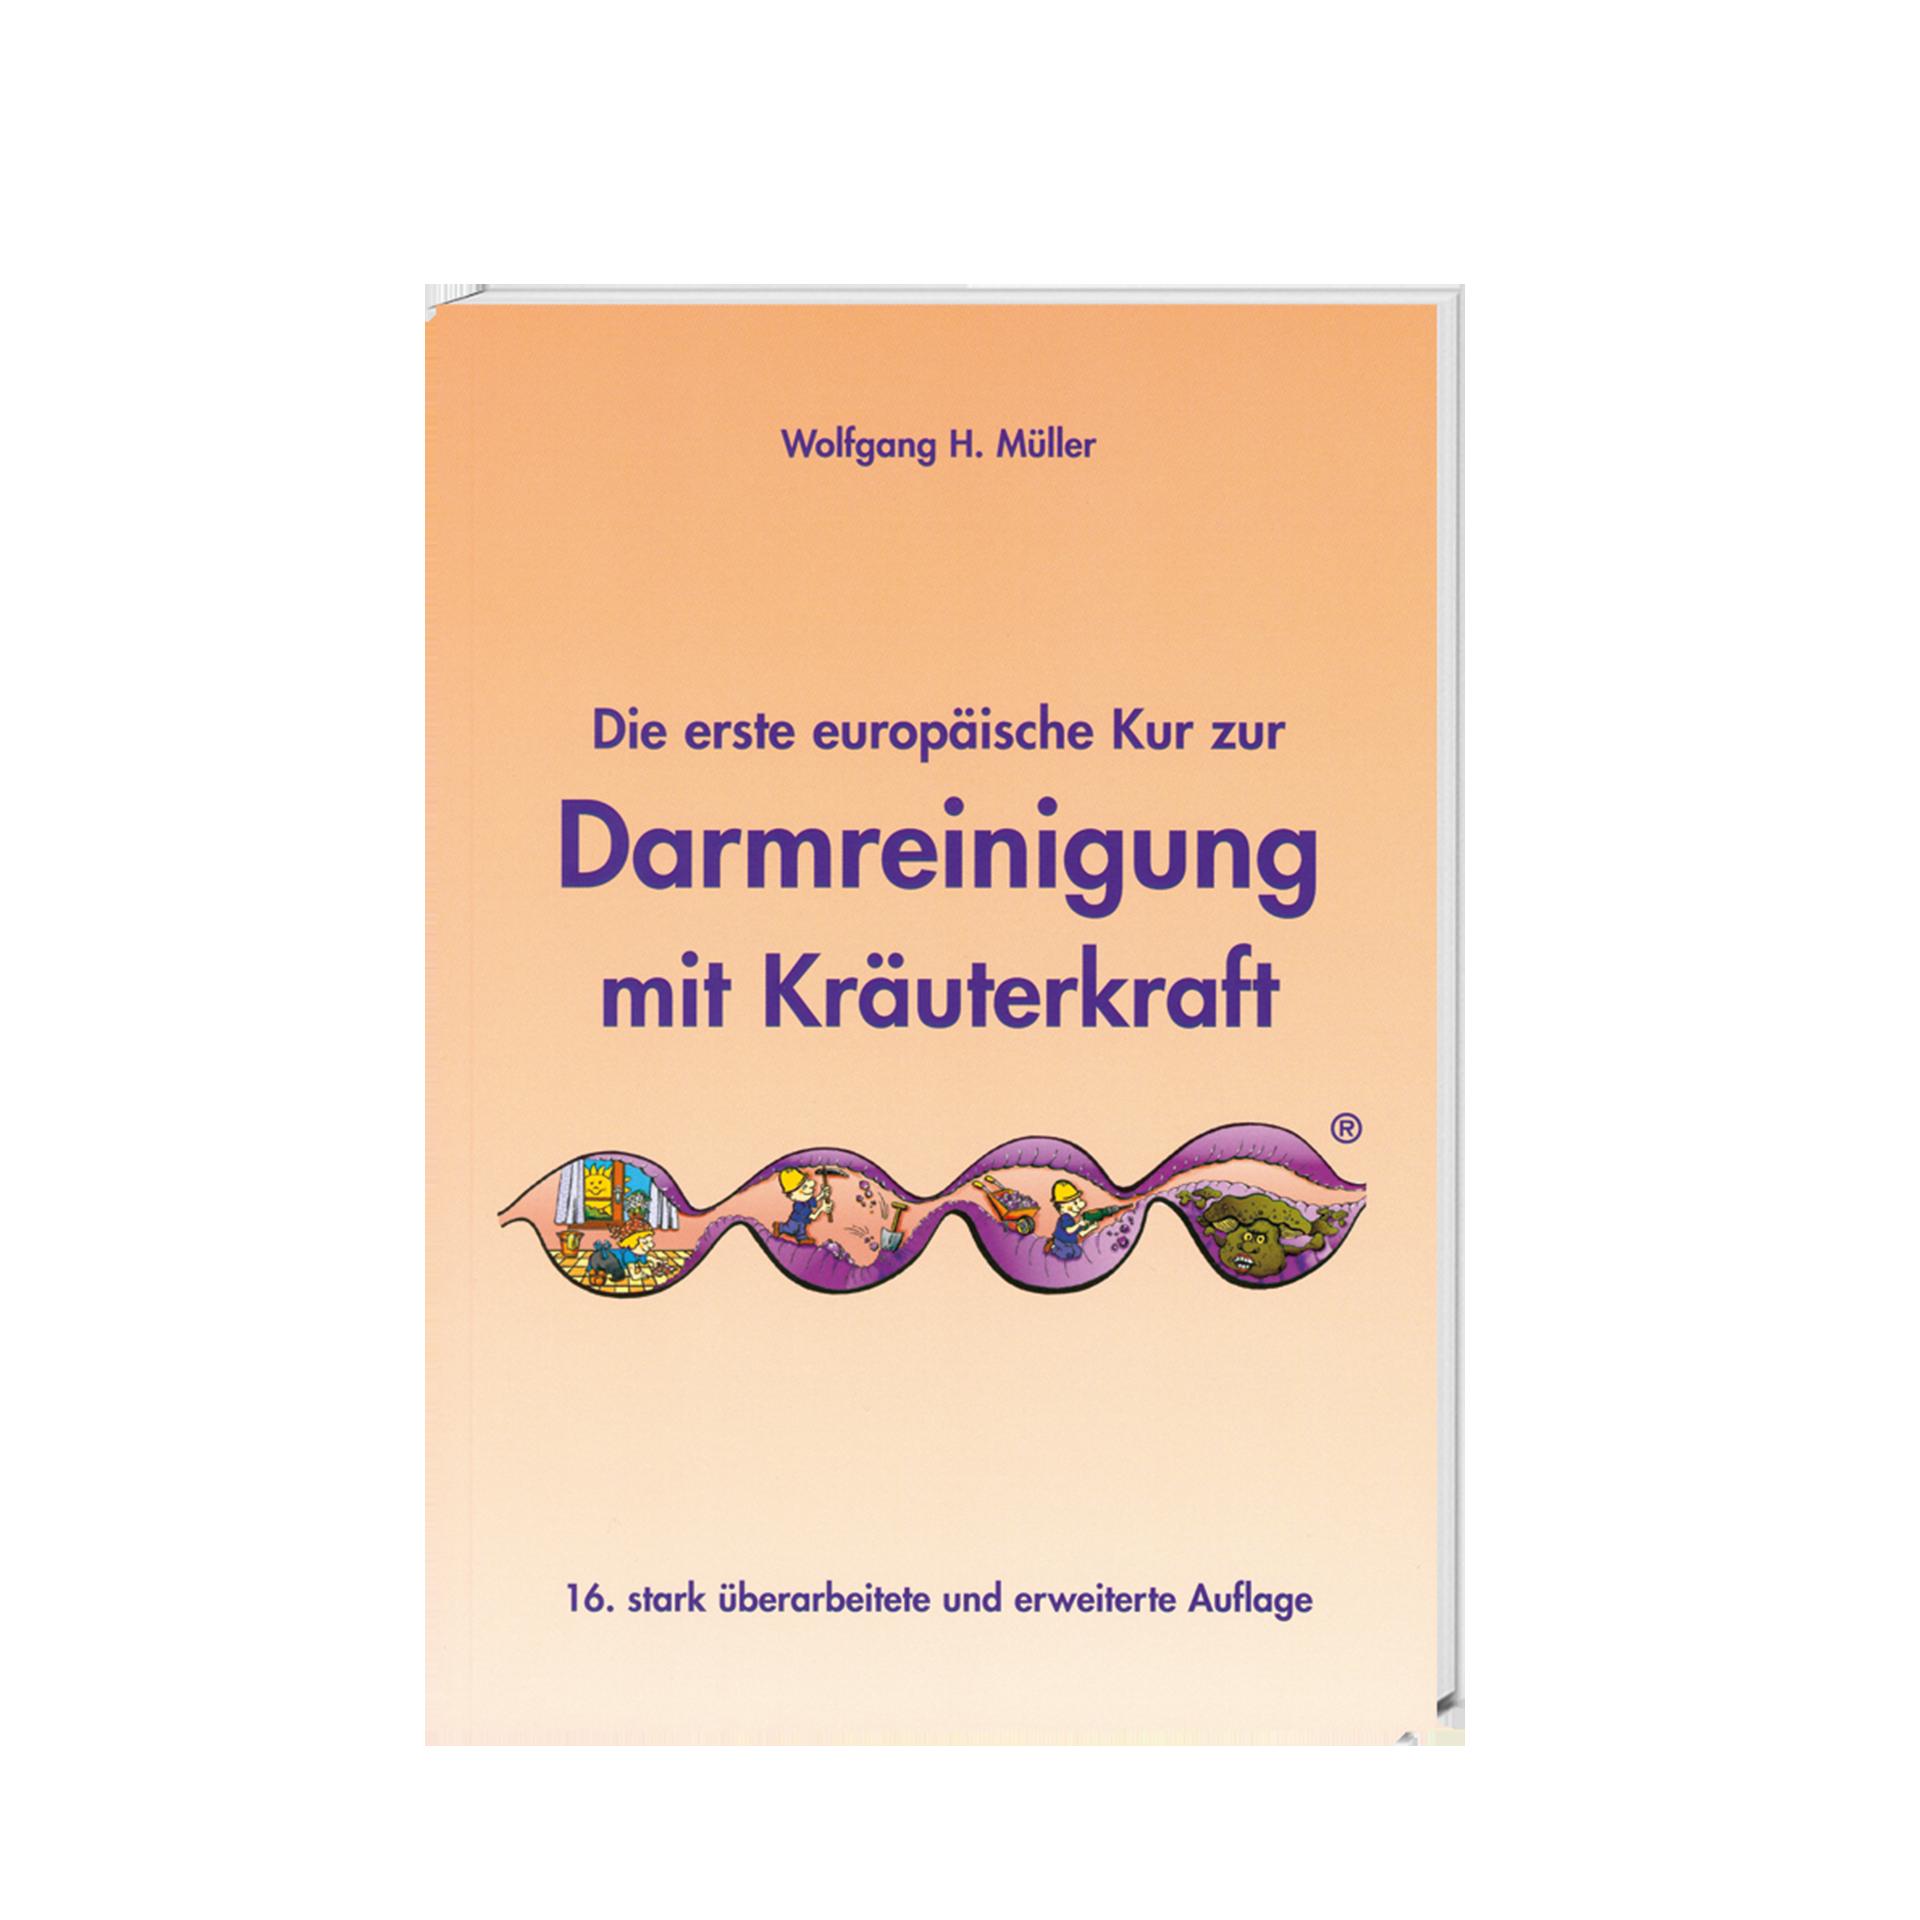 Darmreinigung mit Kräuterkraft, 134 Seiten